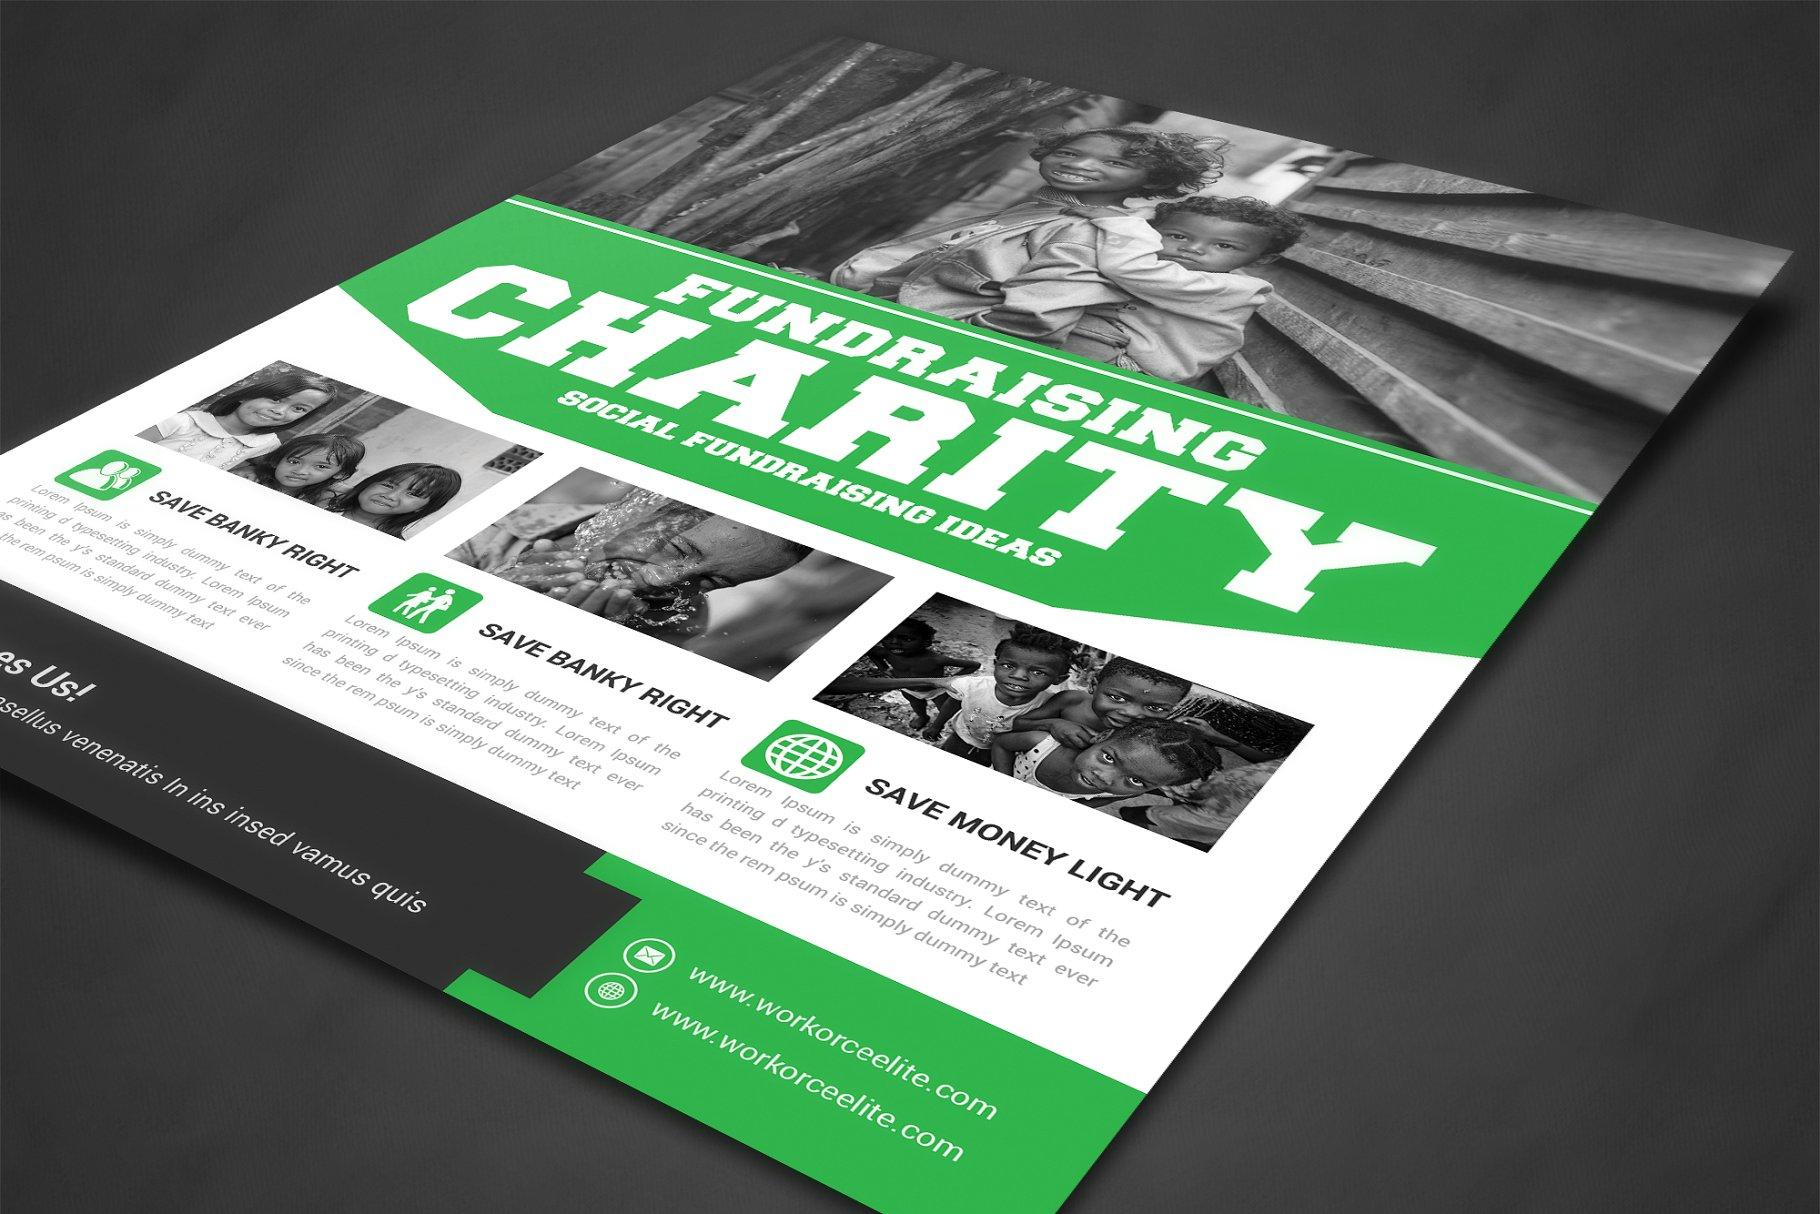 筹款慈善活动传单海报模板 Charity Fundraisers Flyer Templates设计素材模板